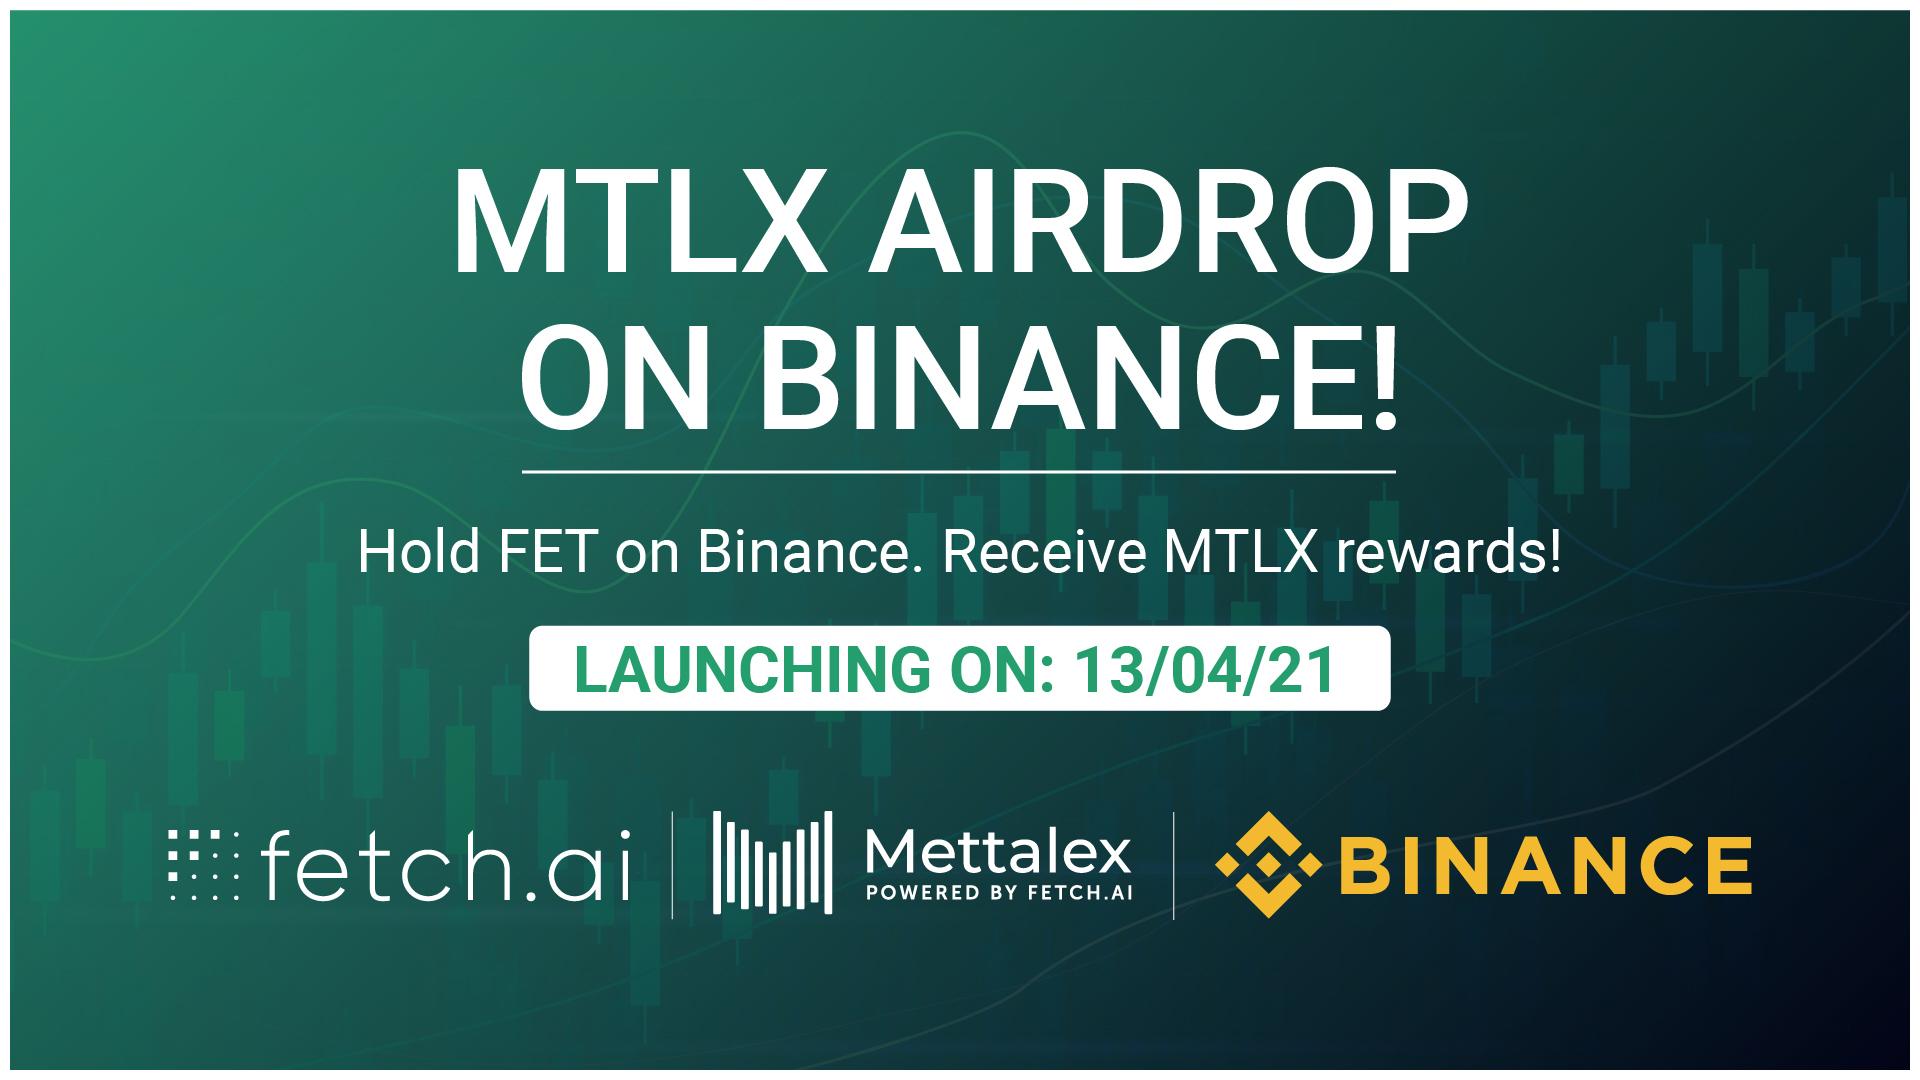 https://mettalex.com/wp-content/uploads/Mettalex-Airdrop-on-Binance-3.jpg